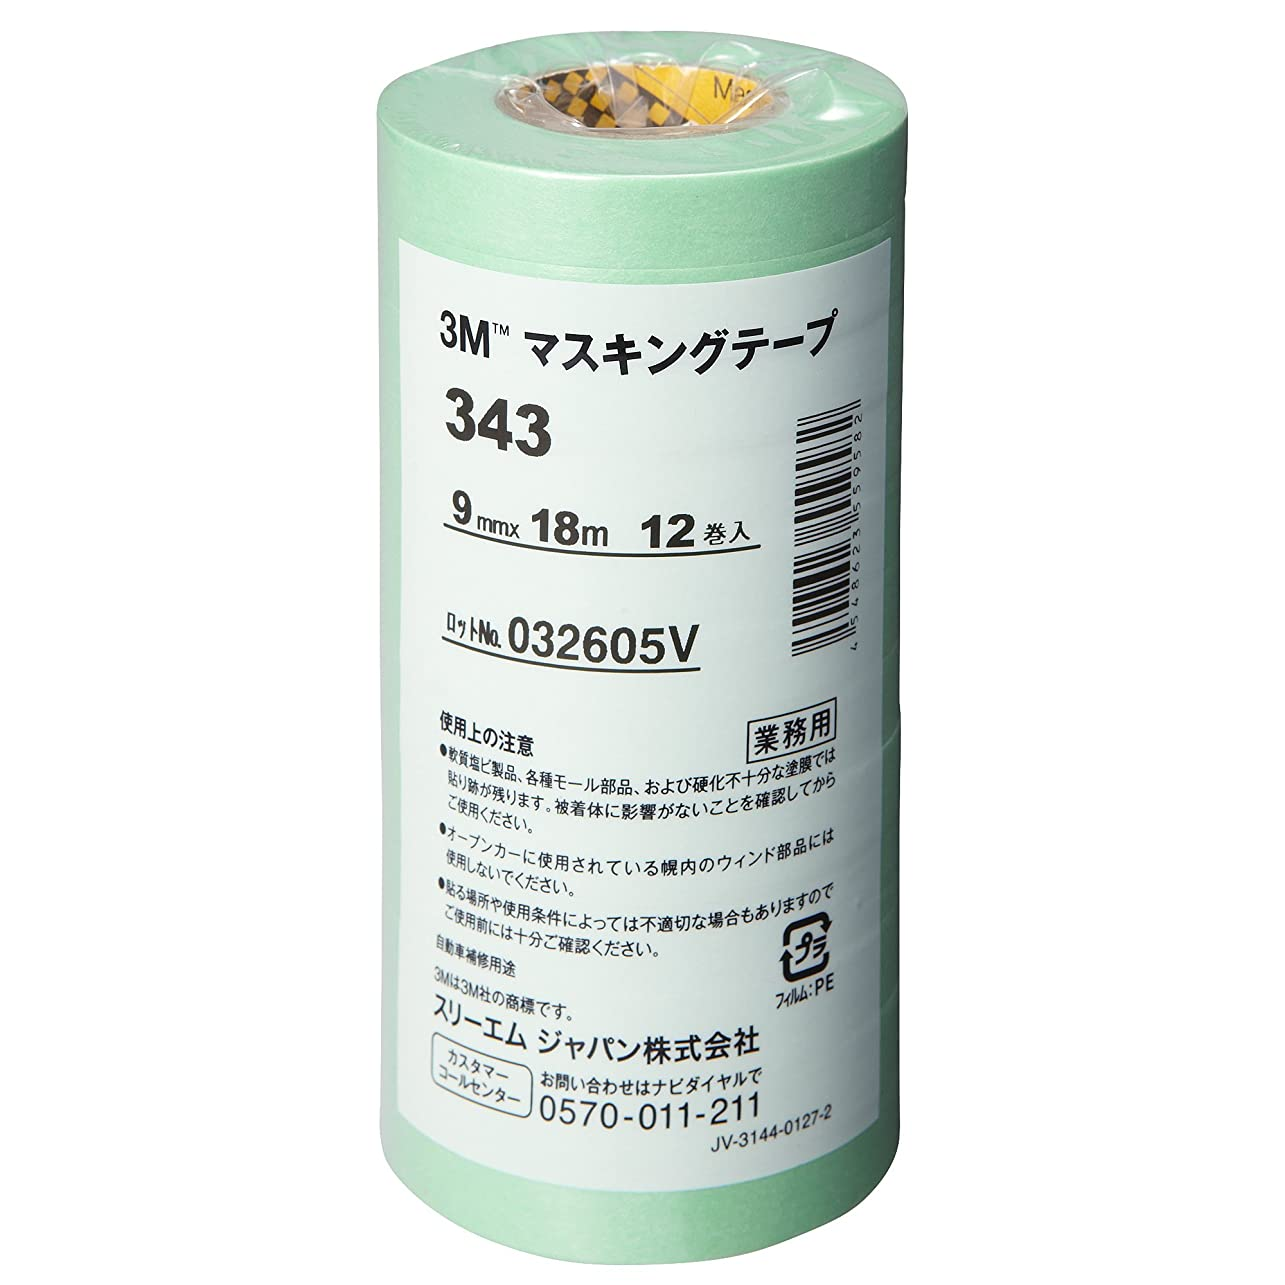 蓮さておき文3M マスキングテープ 343 9mm×18M 12巻パック 343 9